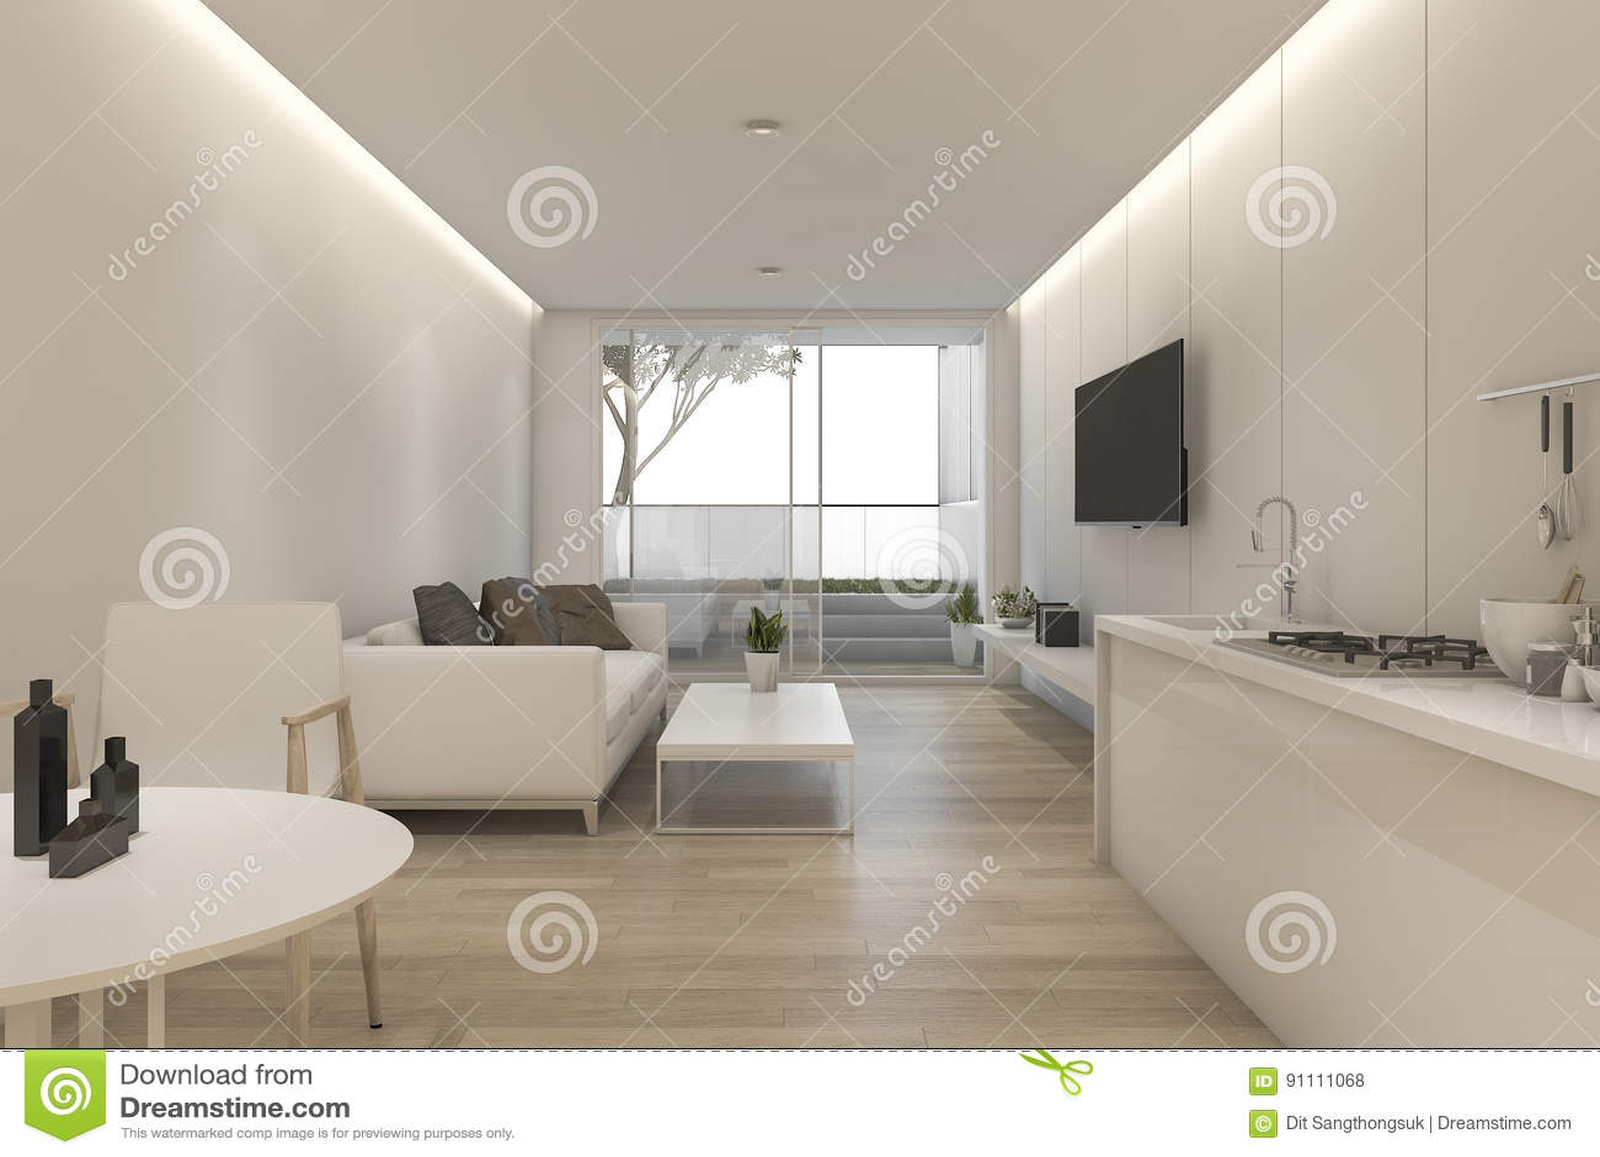 Schön Weißes Wohnzimmer Dekoration Von 3d, Das Minimales Weißes Und Küche Mit